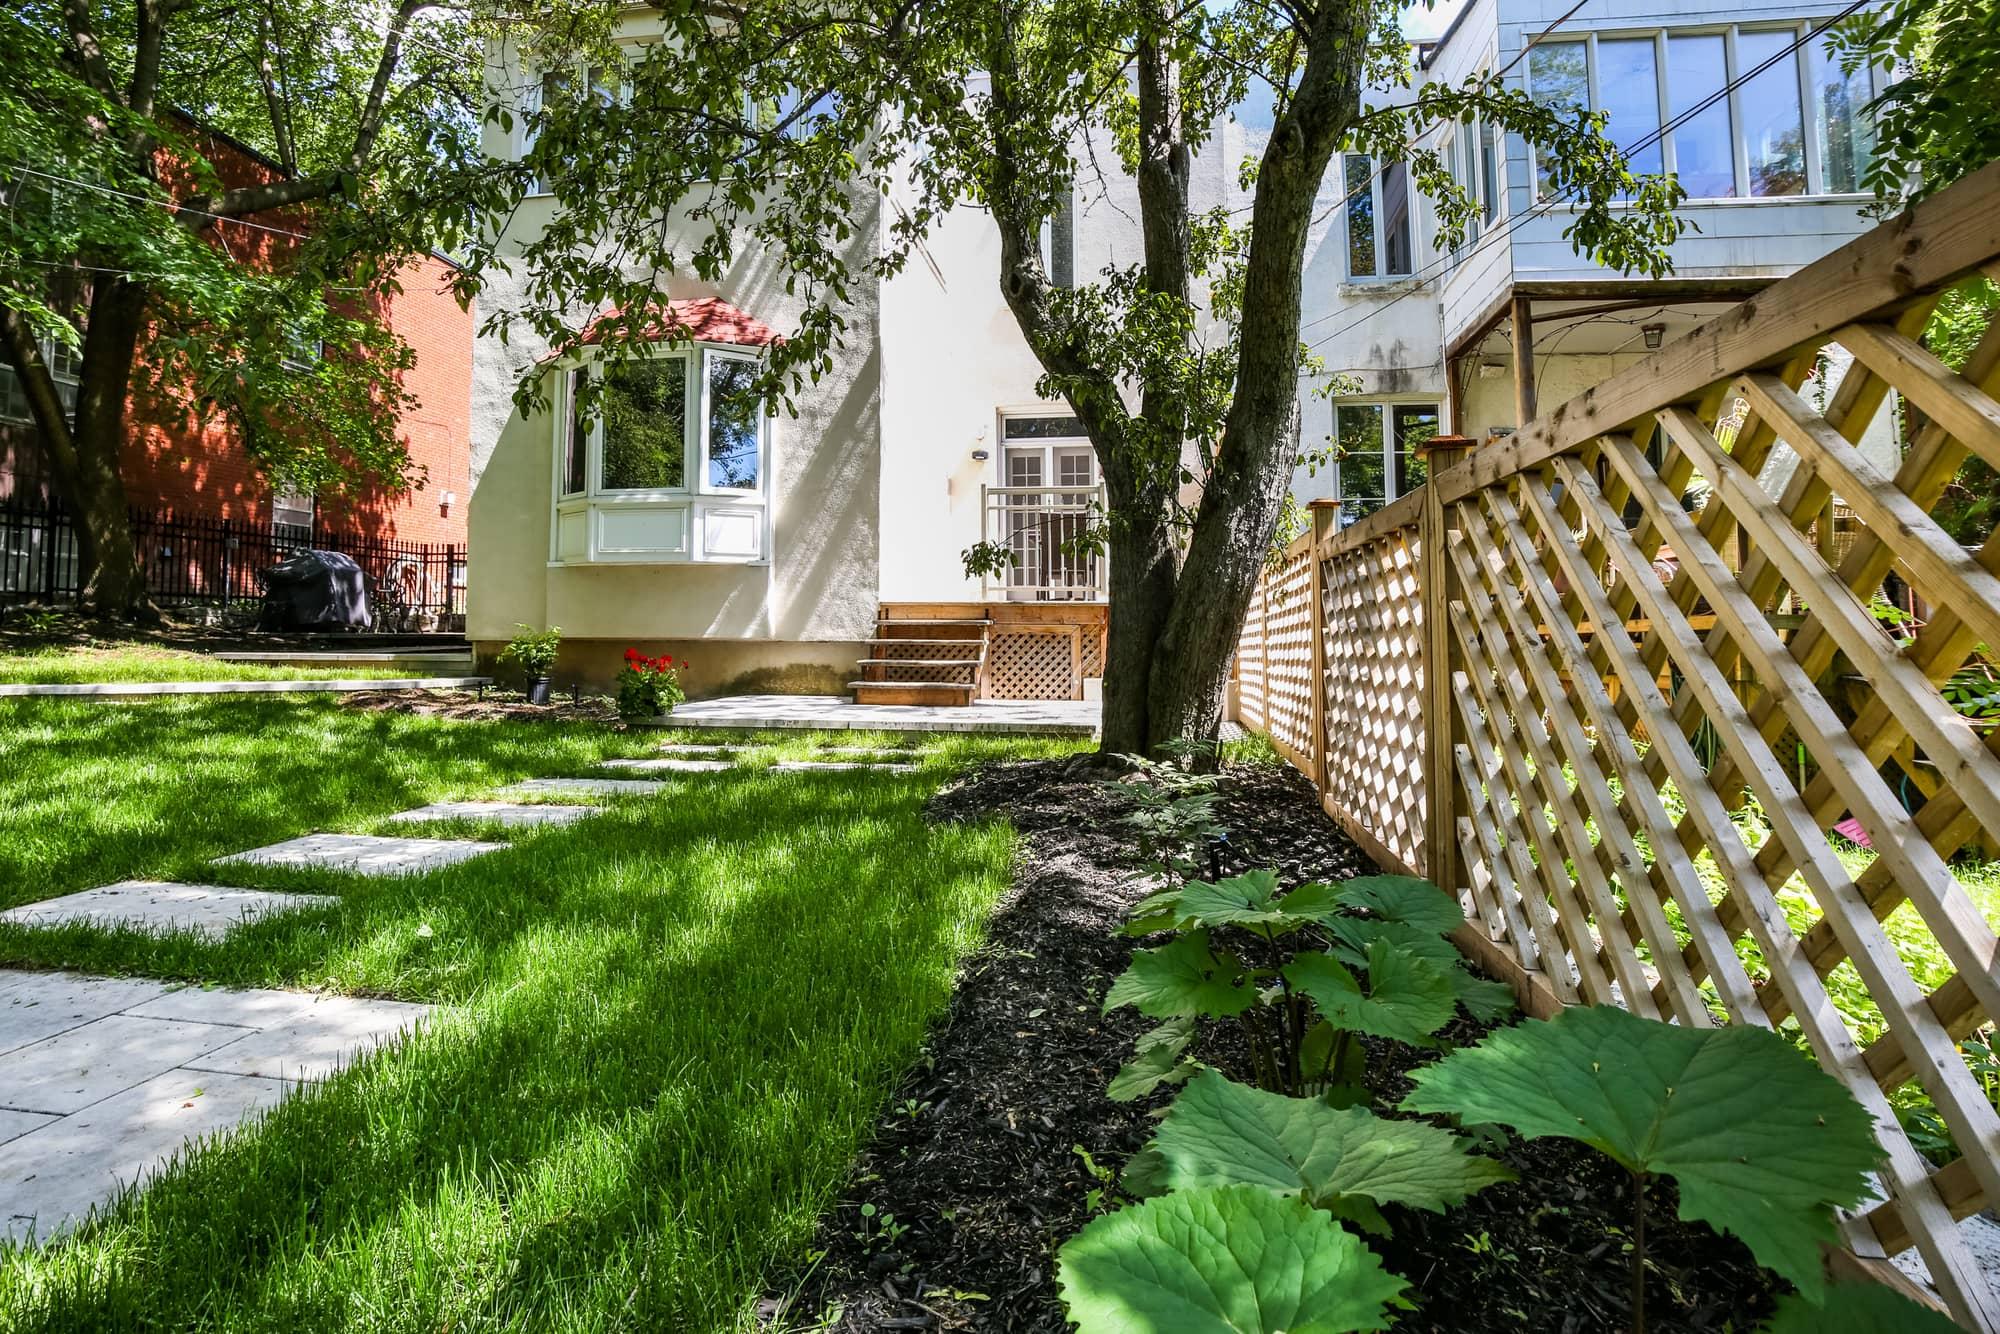 clôture en bois avec un bel aménagement paysager dans une cour arrière